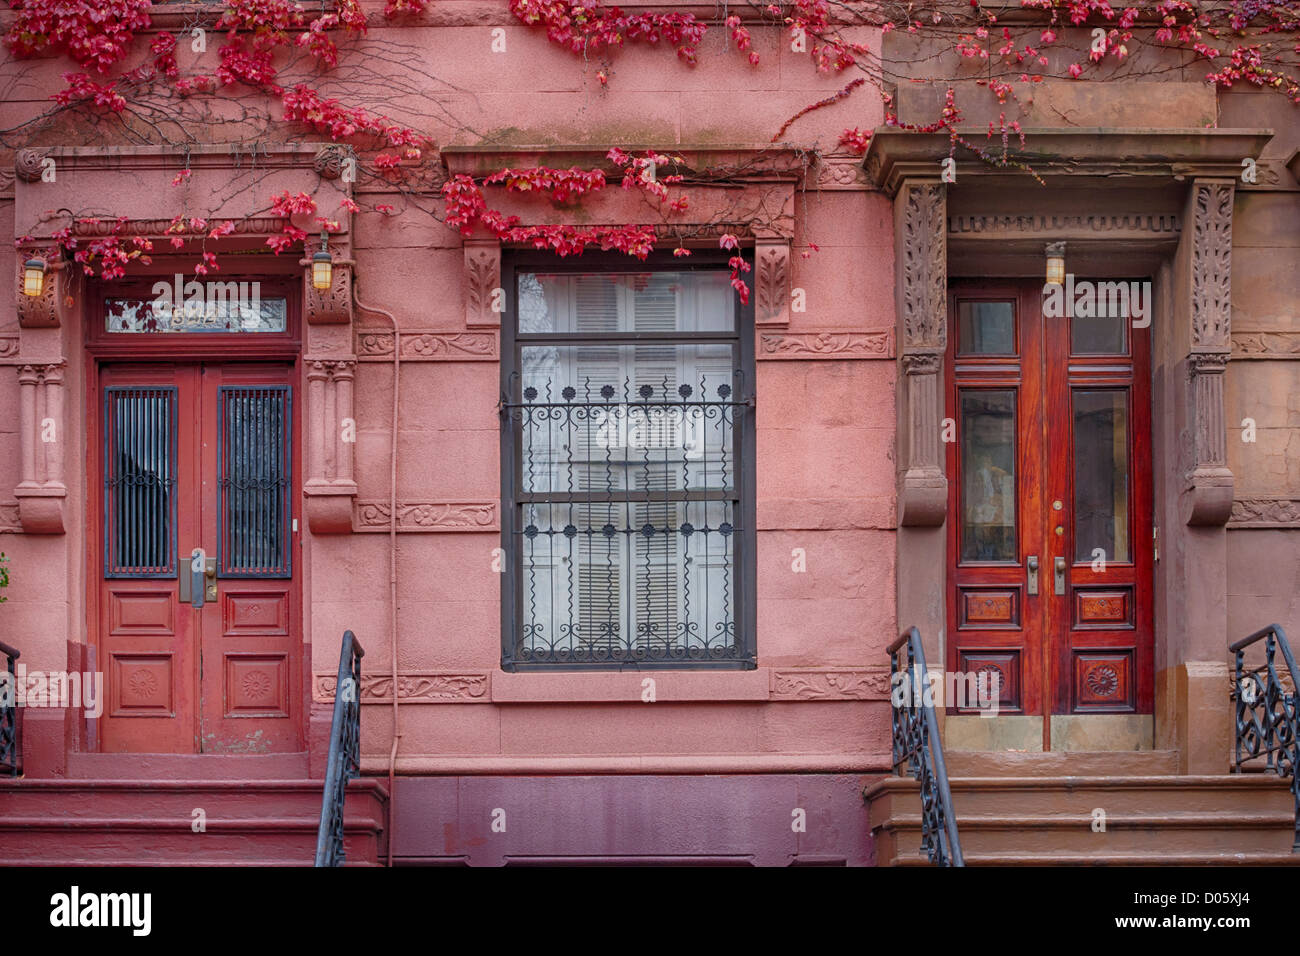 Villetta a schiera con porte rosa ivy Harlem, New York, Stati Uniti d'America Immagini Stock